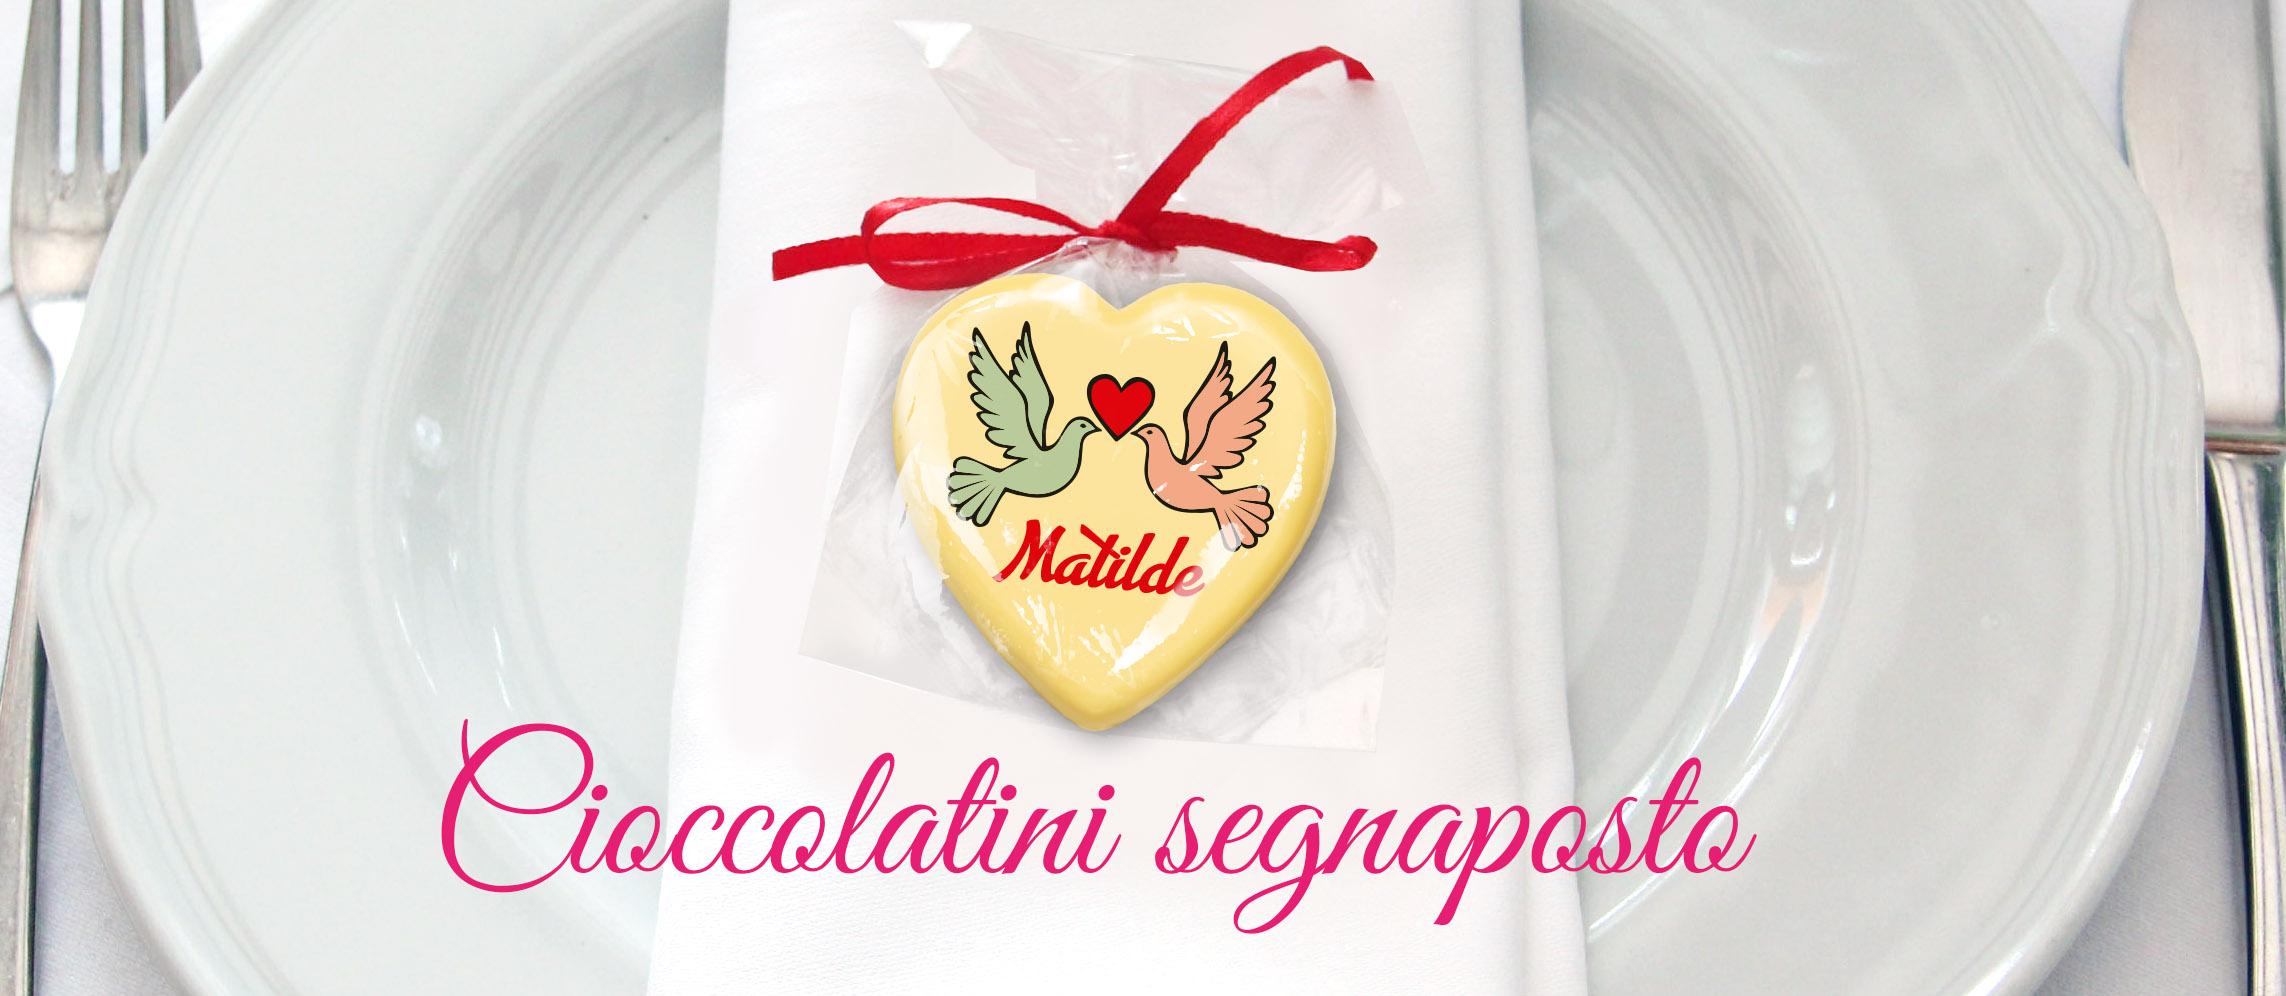 Cioccolatini segnaposto